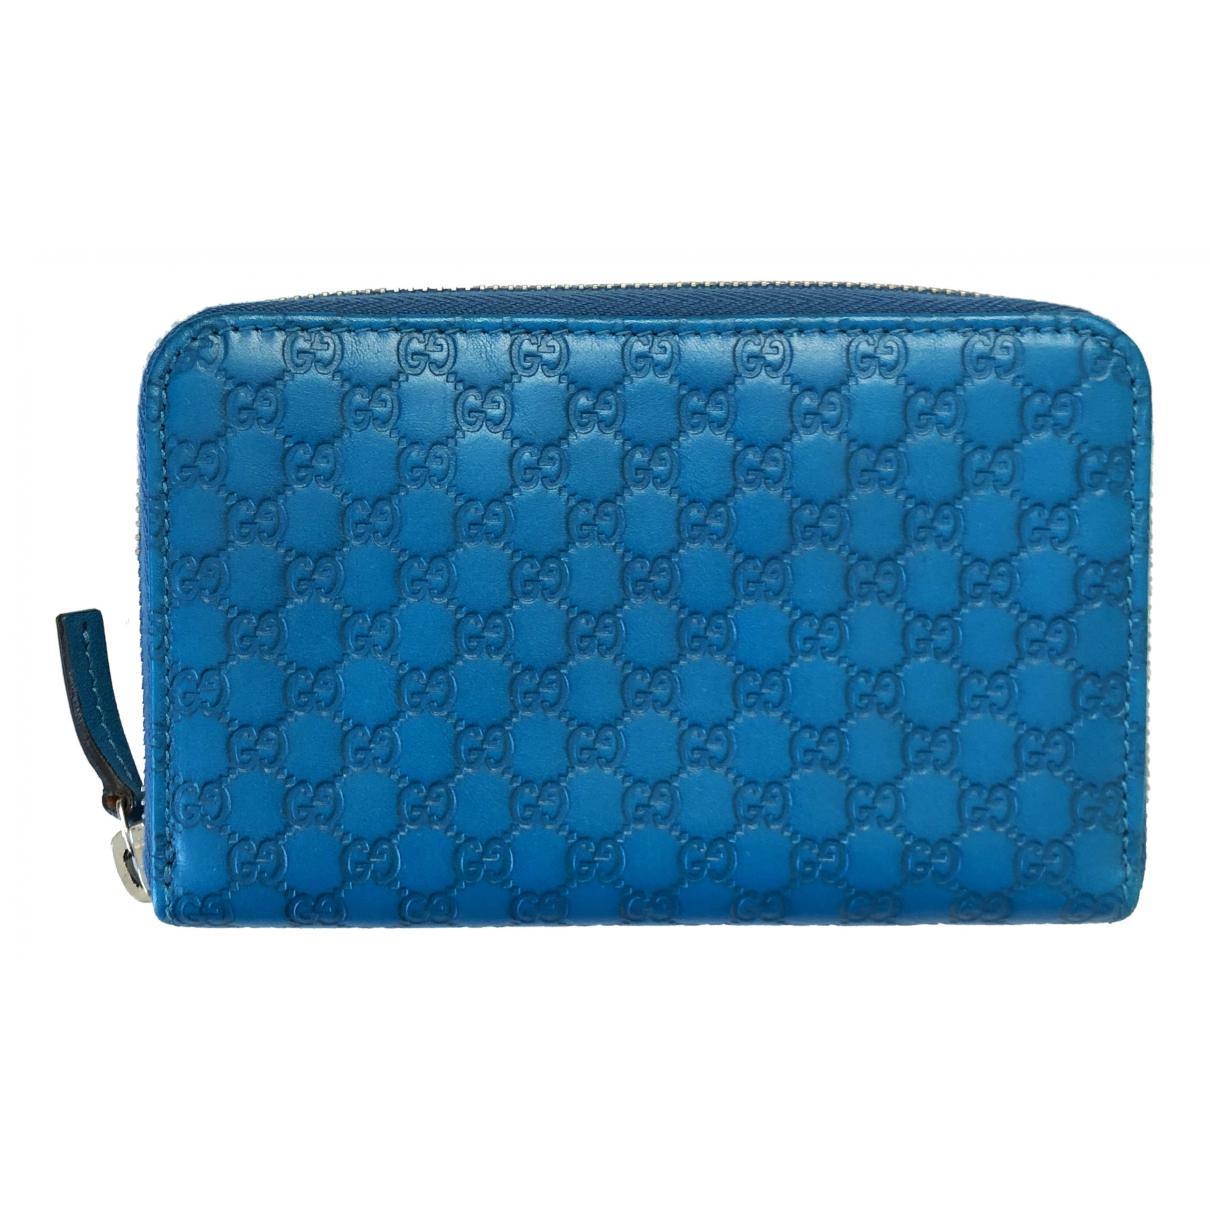 Gucci - Portefeuille Continental pour femme en cuir - bleu